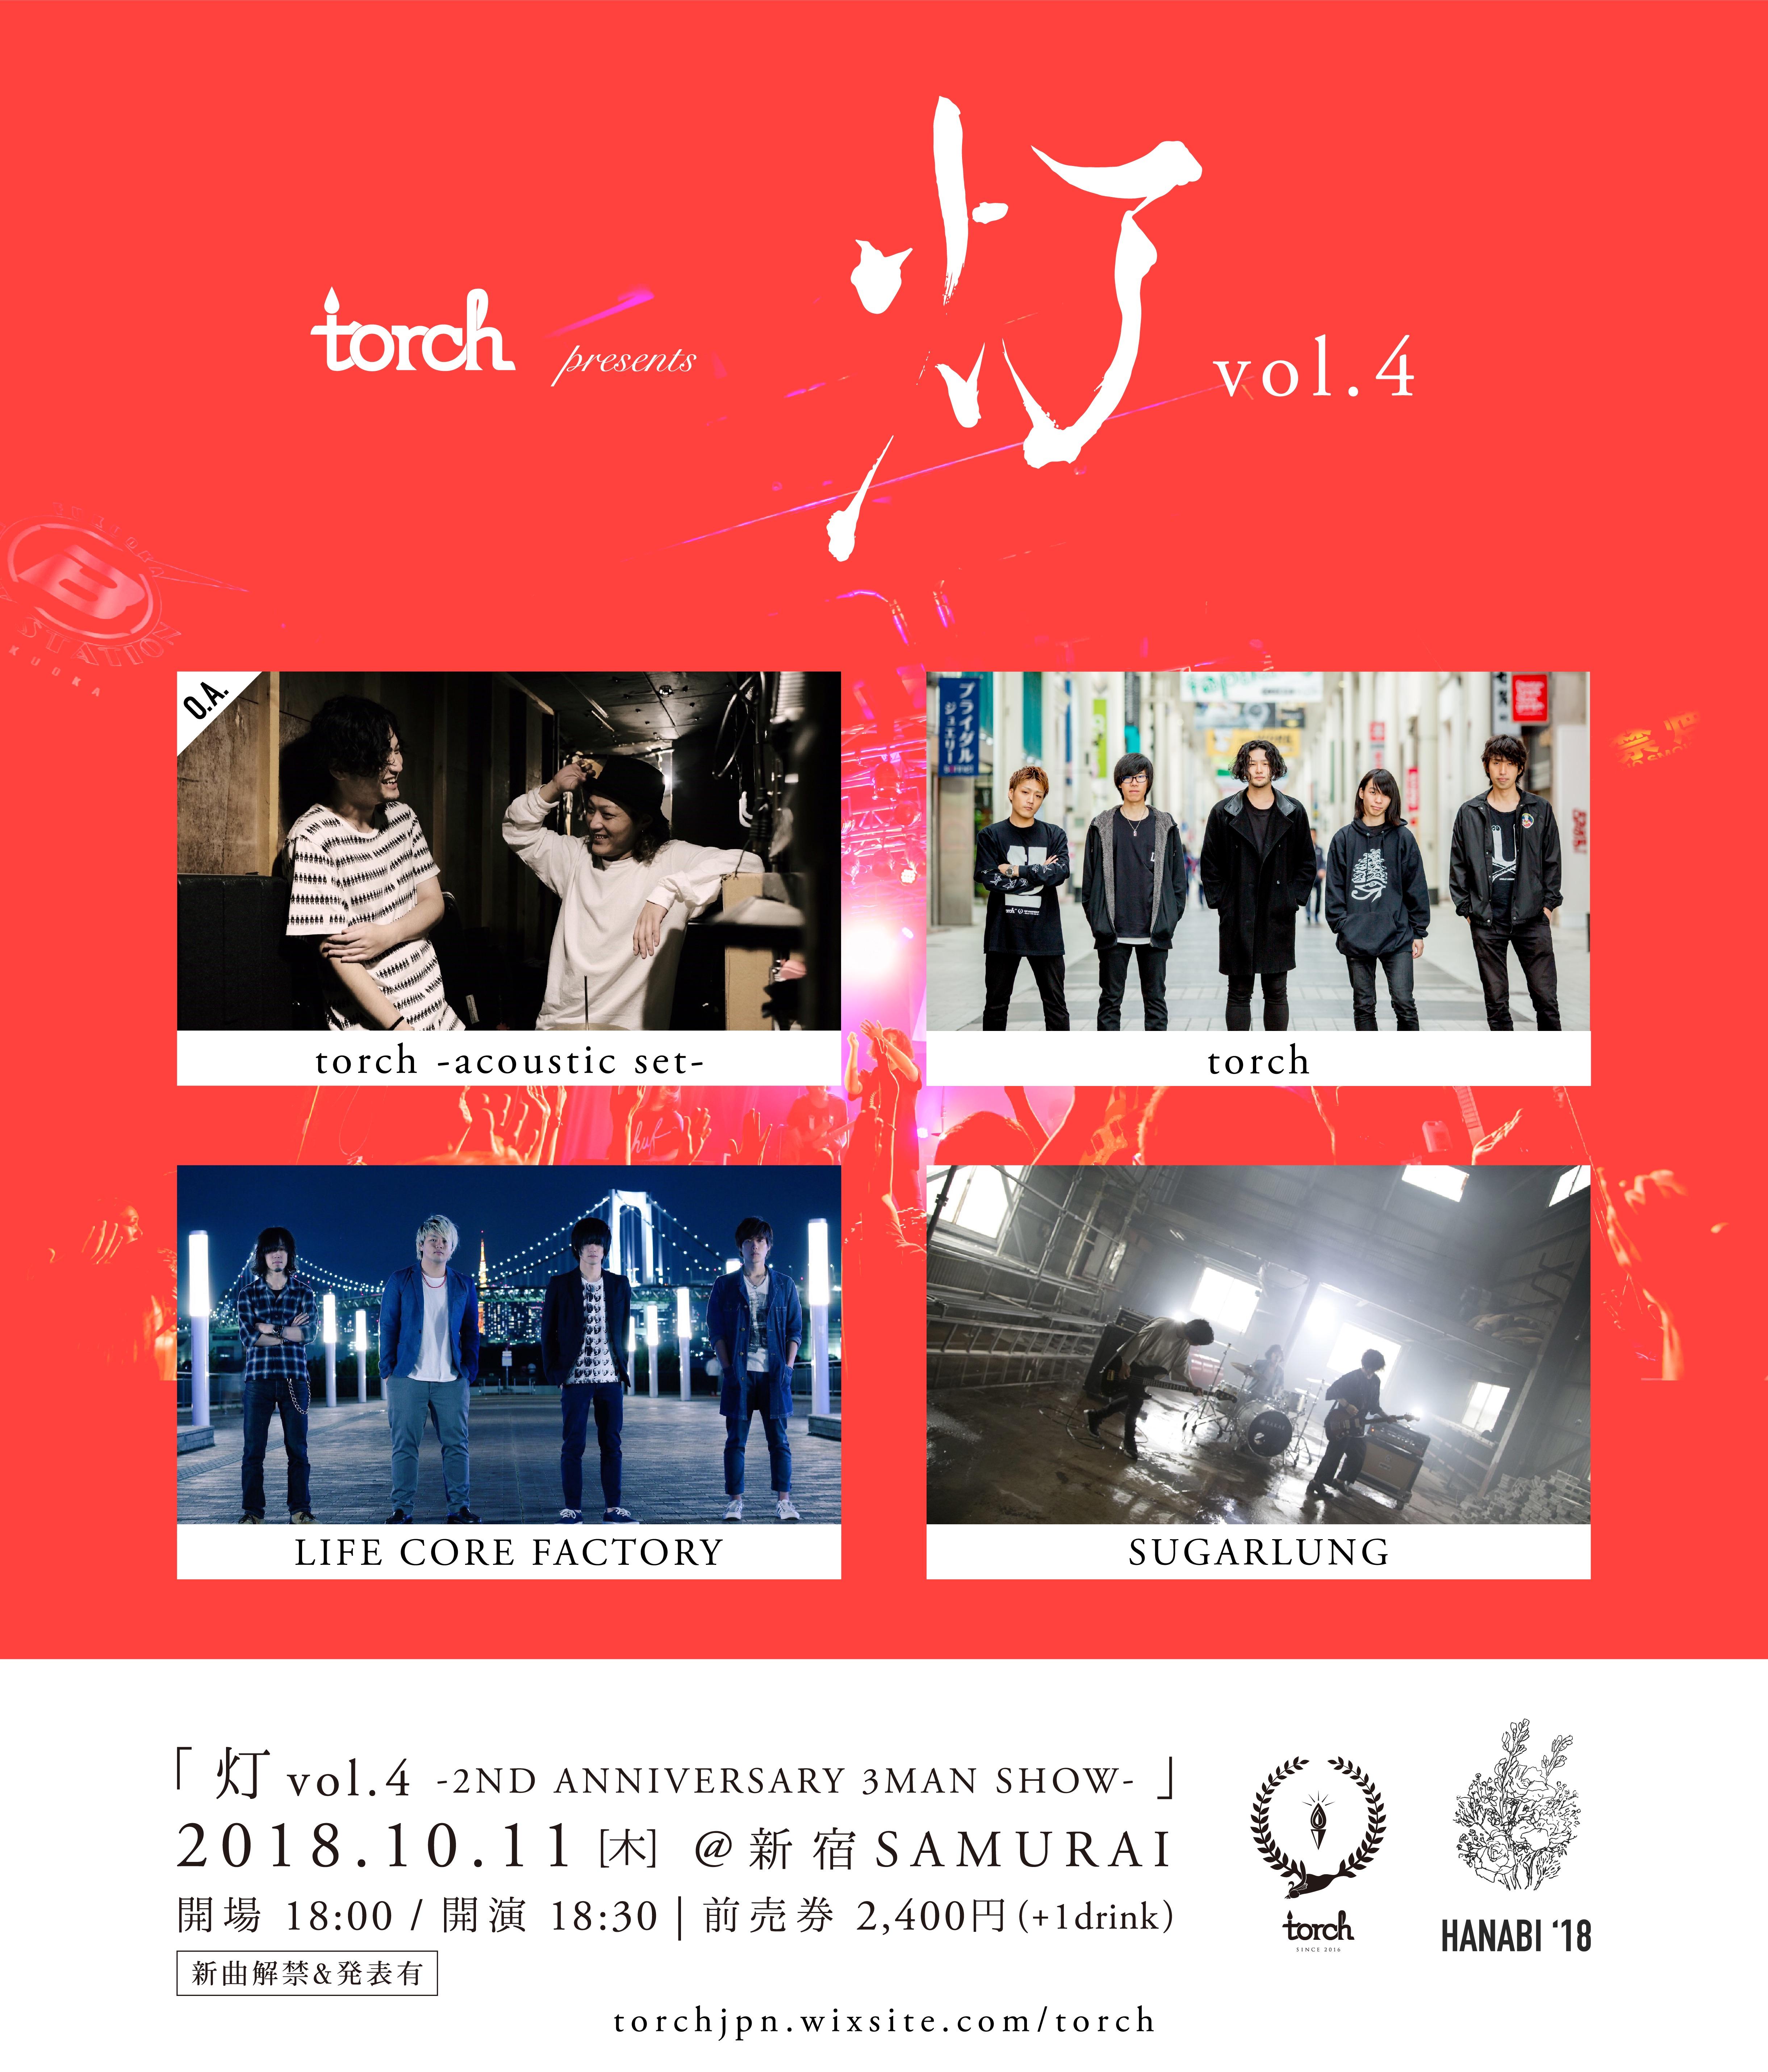 torch presents「灯 vol.4」